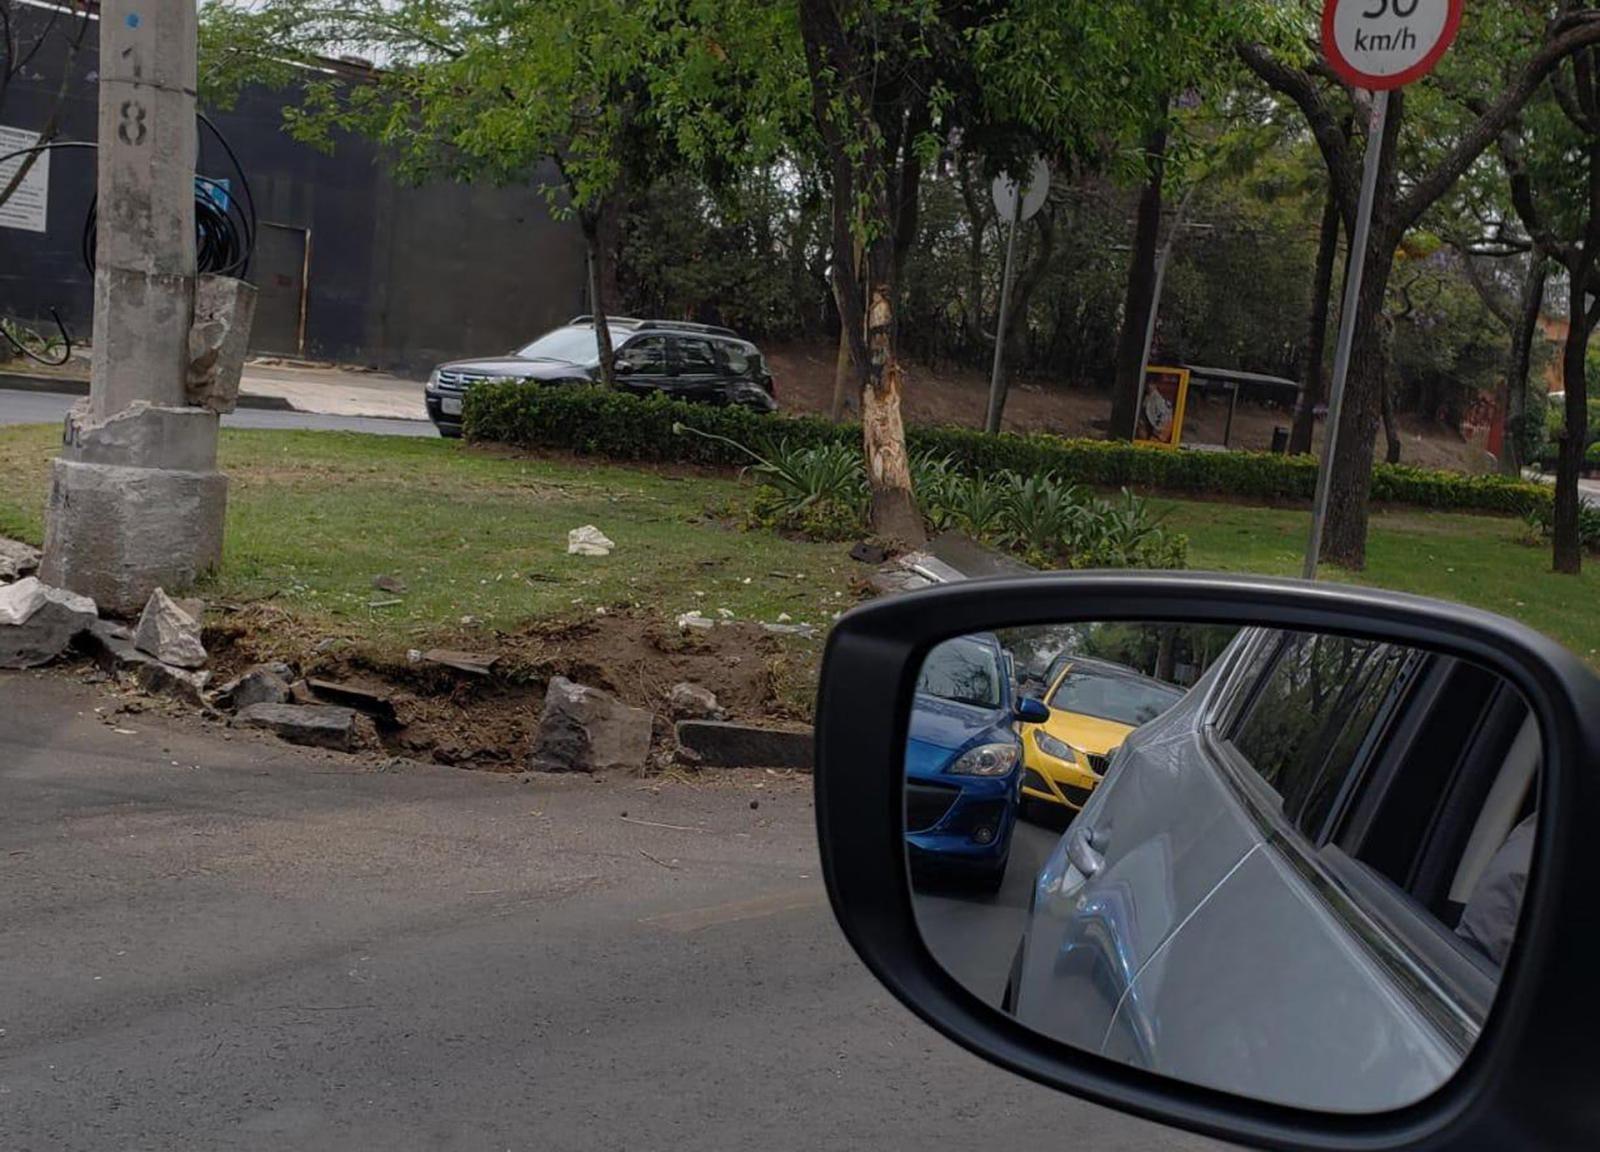 Đoạn đường nơi vụ tai nạn của chiếc Koenigsegg CCXR xảy ra